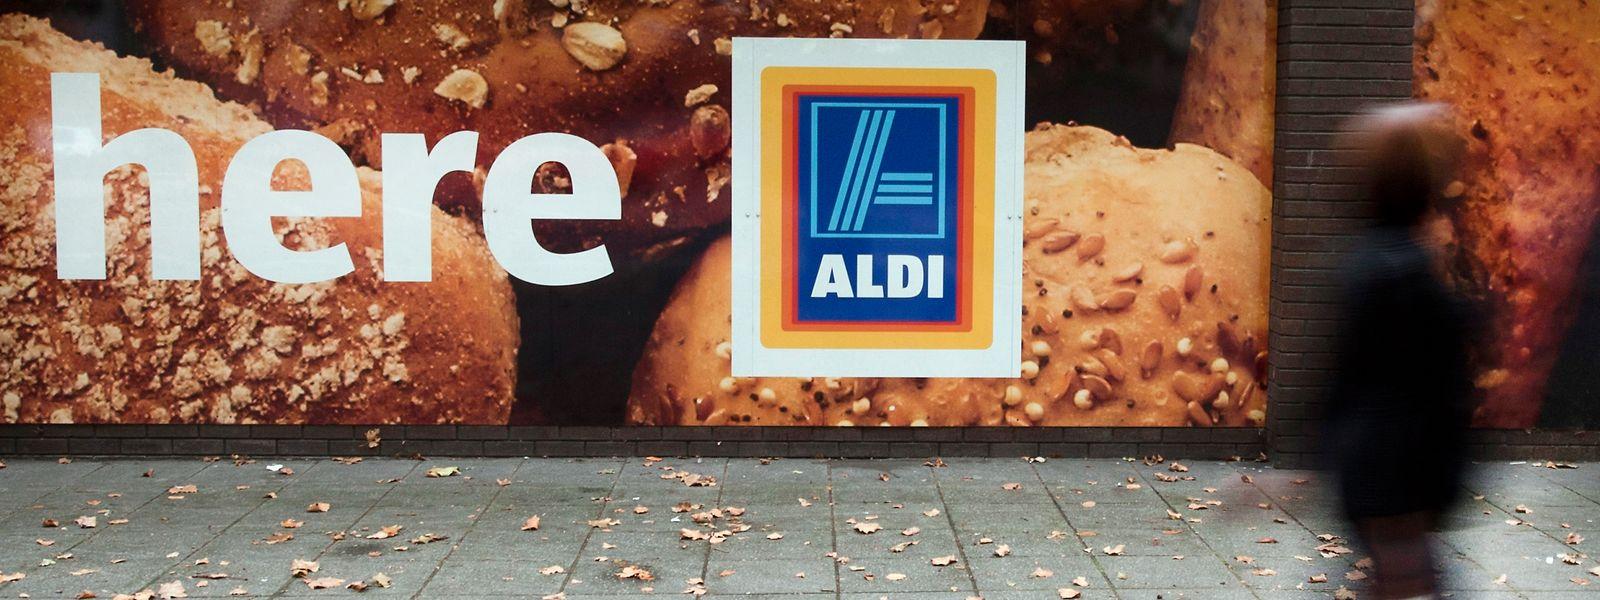 Eine Frau geht an einem Aldi-Supermarkt in London vorbei.